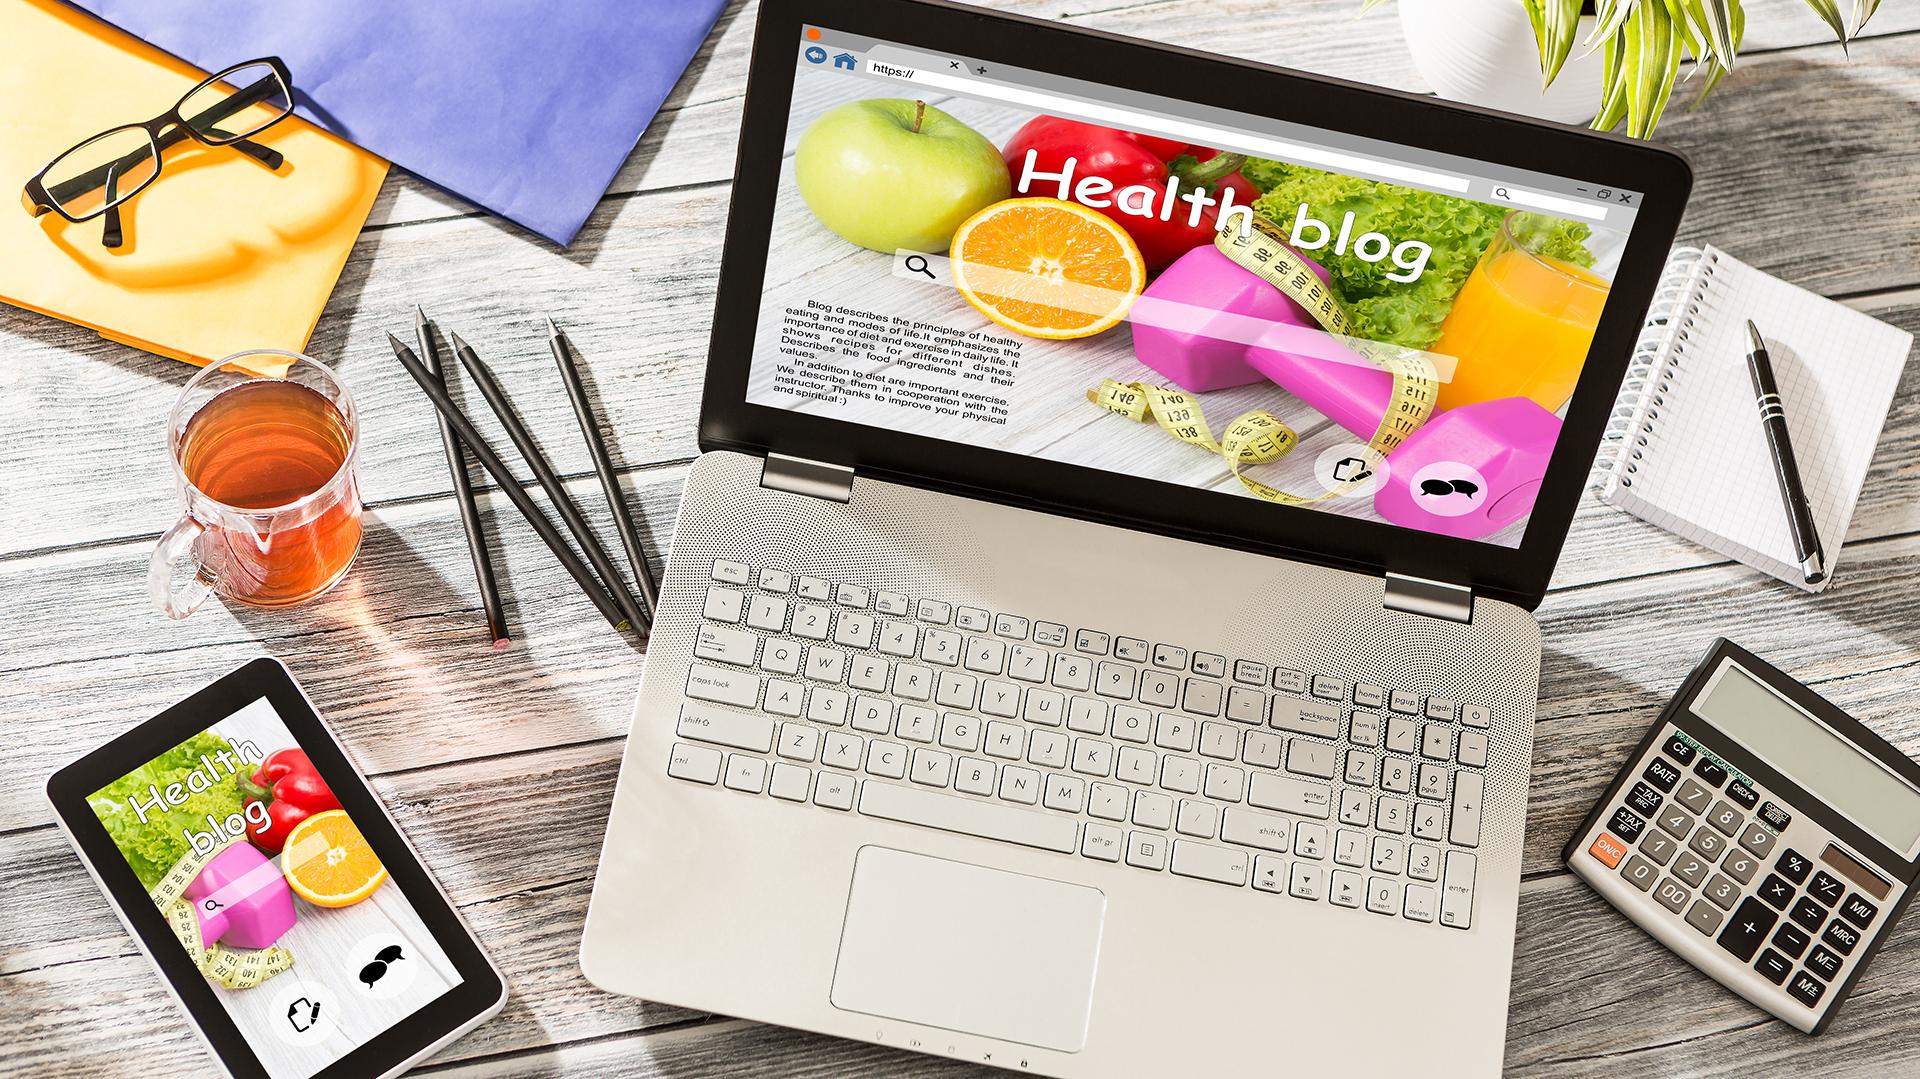 Los seguidores de las cuentas de salud y vida sana se multiplican (Getty)